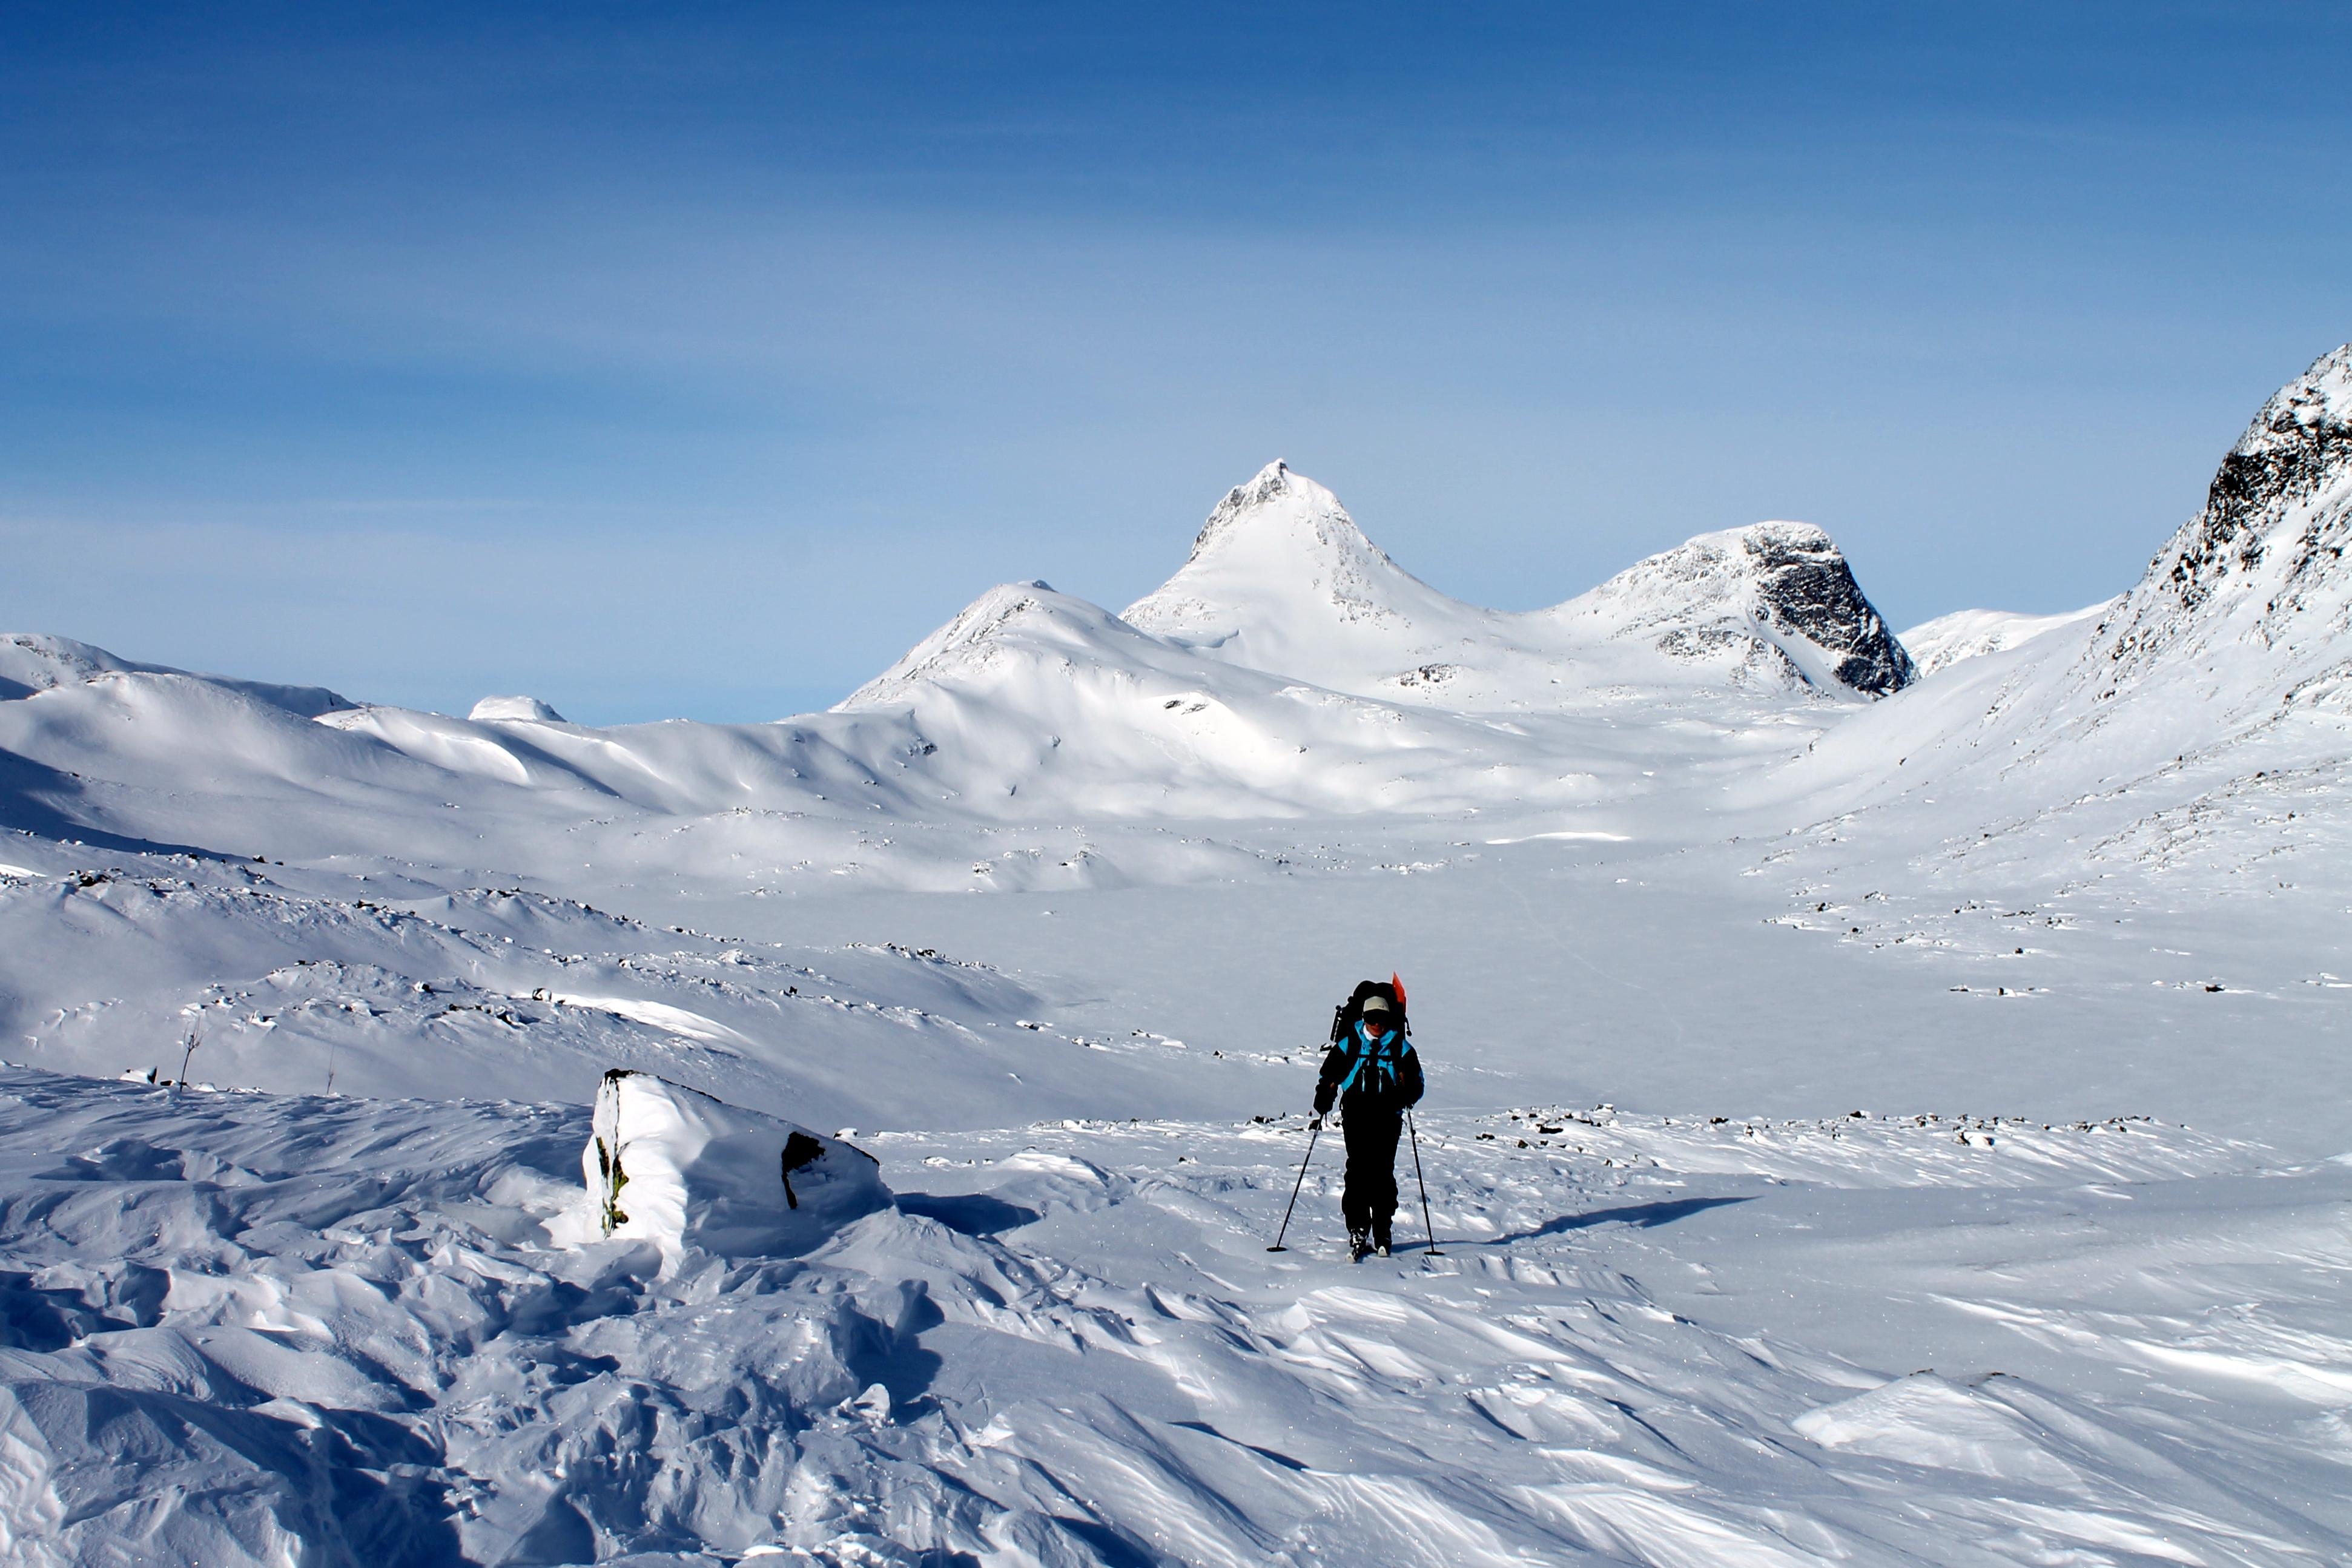 På ski gjennom Jotunheimen fra Olavsbu til Eidsbugarden. Mjølkedalstinden i bakgrunnen.